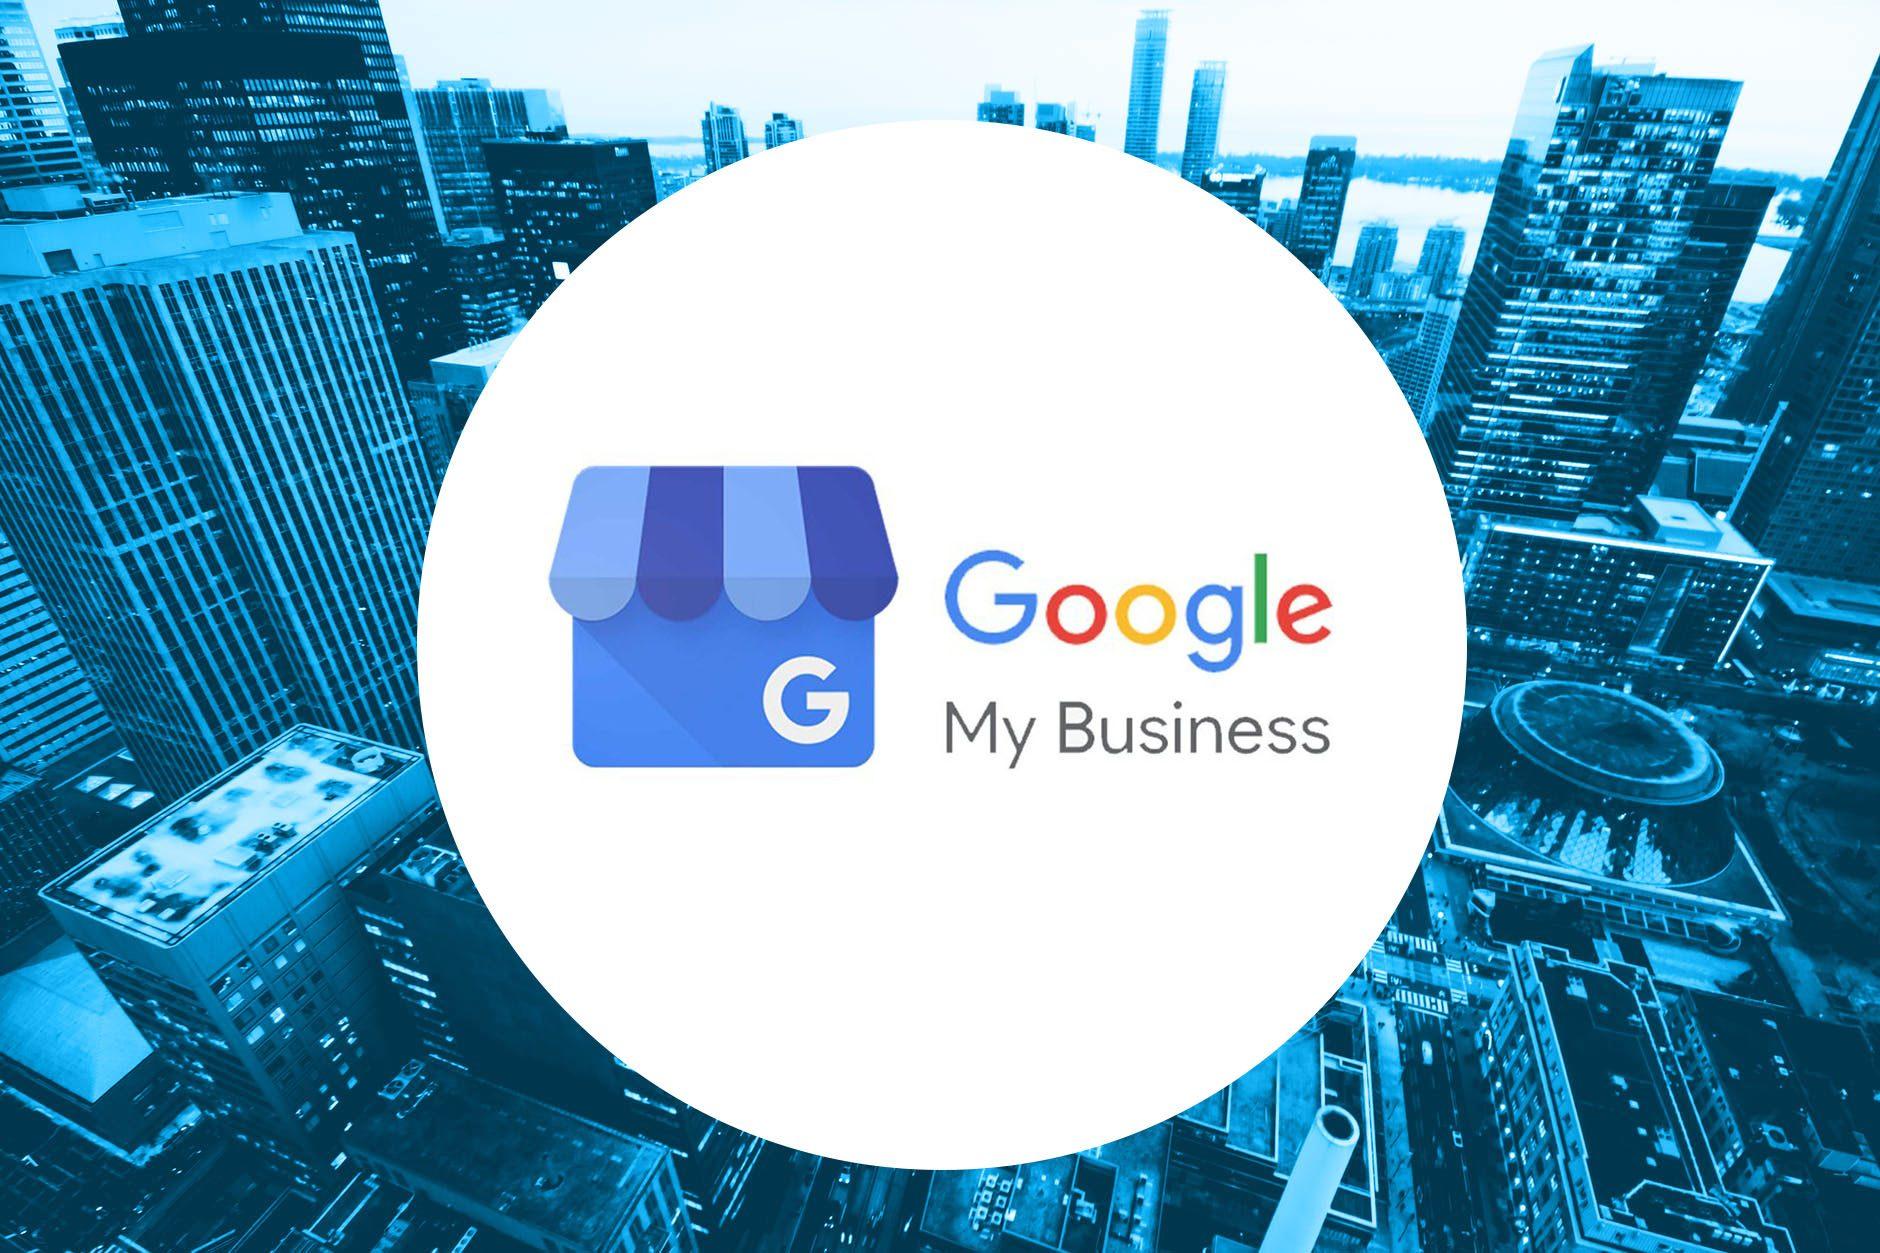 ¿Cómo mejorar tu ficha en Google My Business?